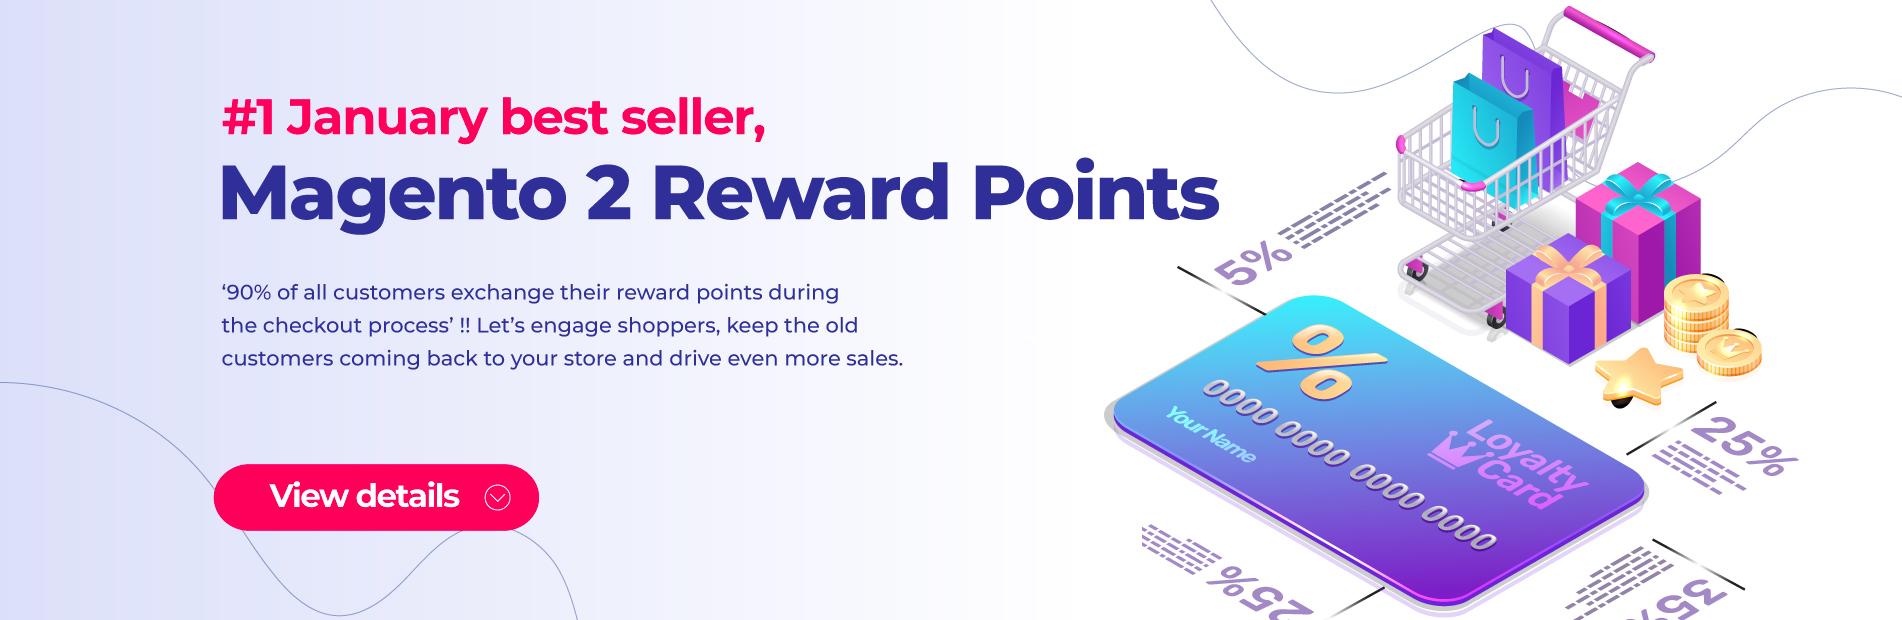 Magento 2 Reward Points extension Bestseller